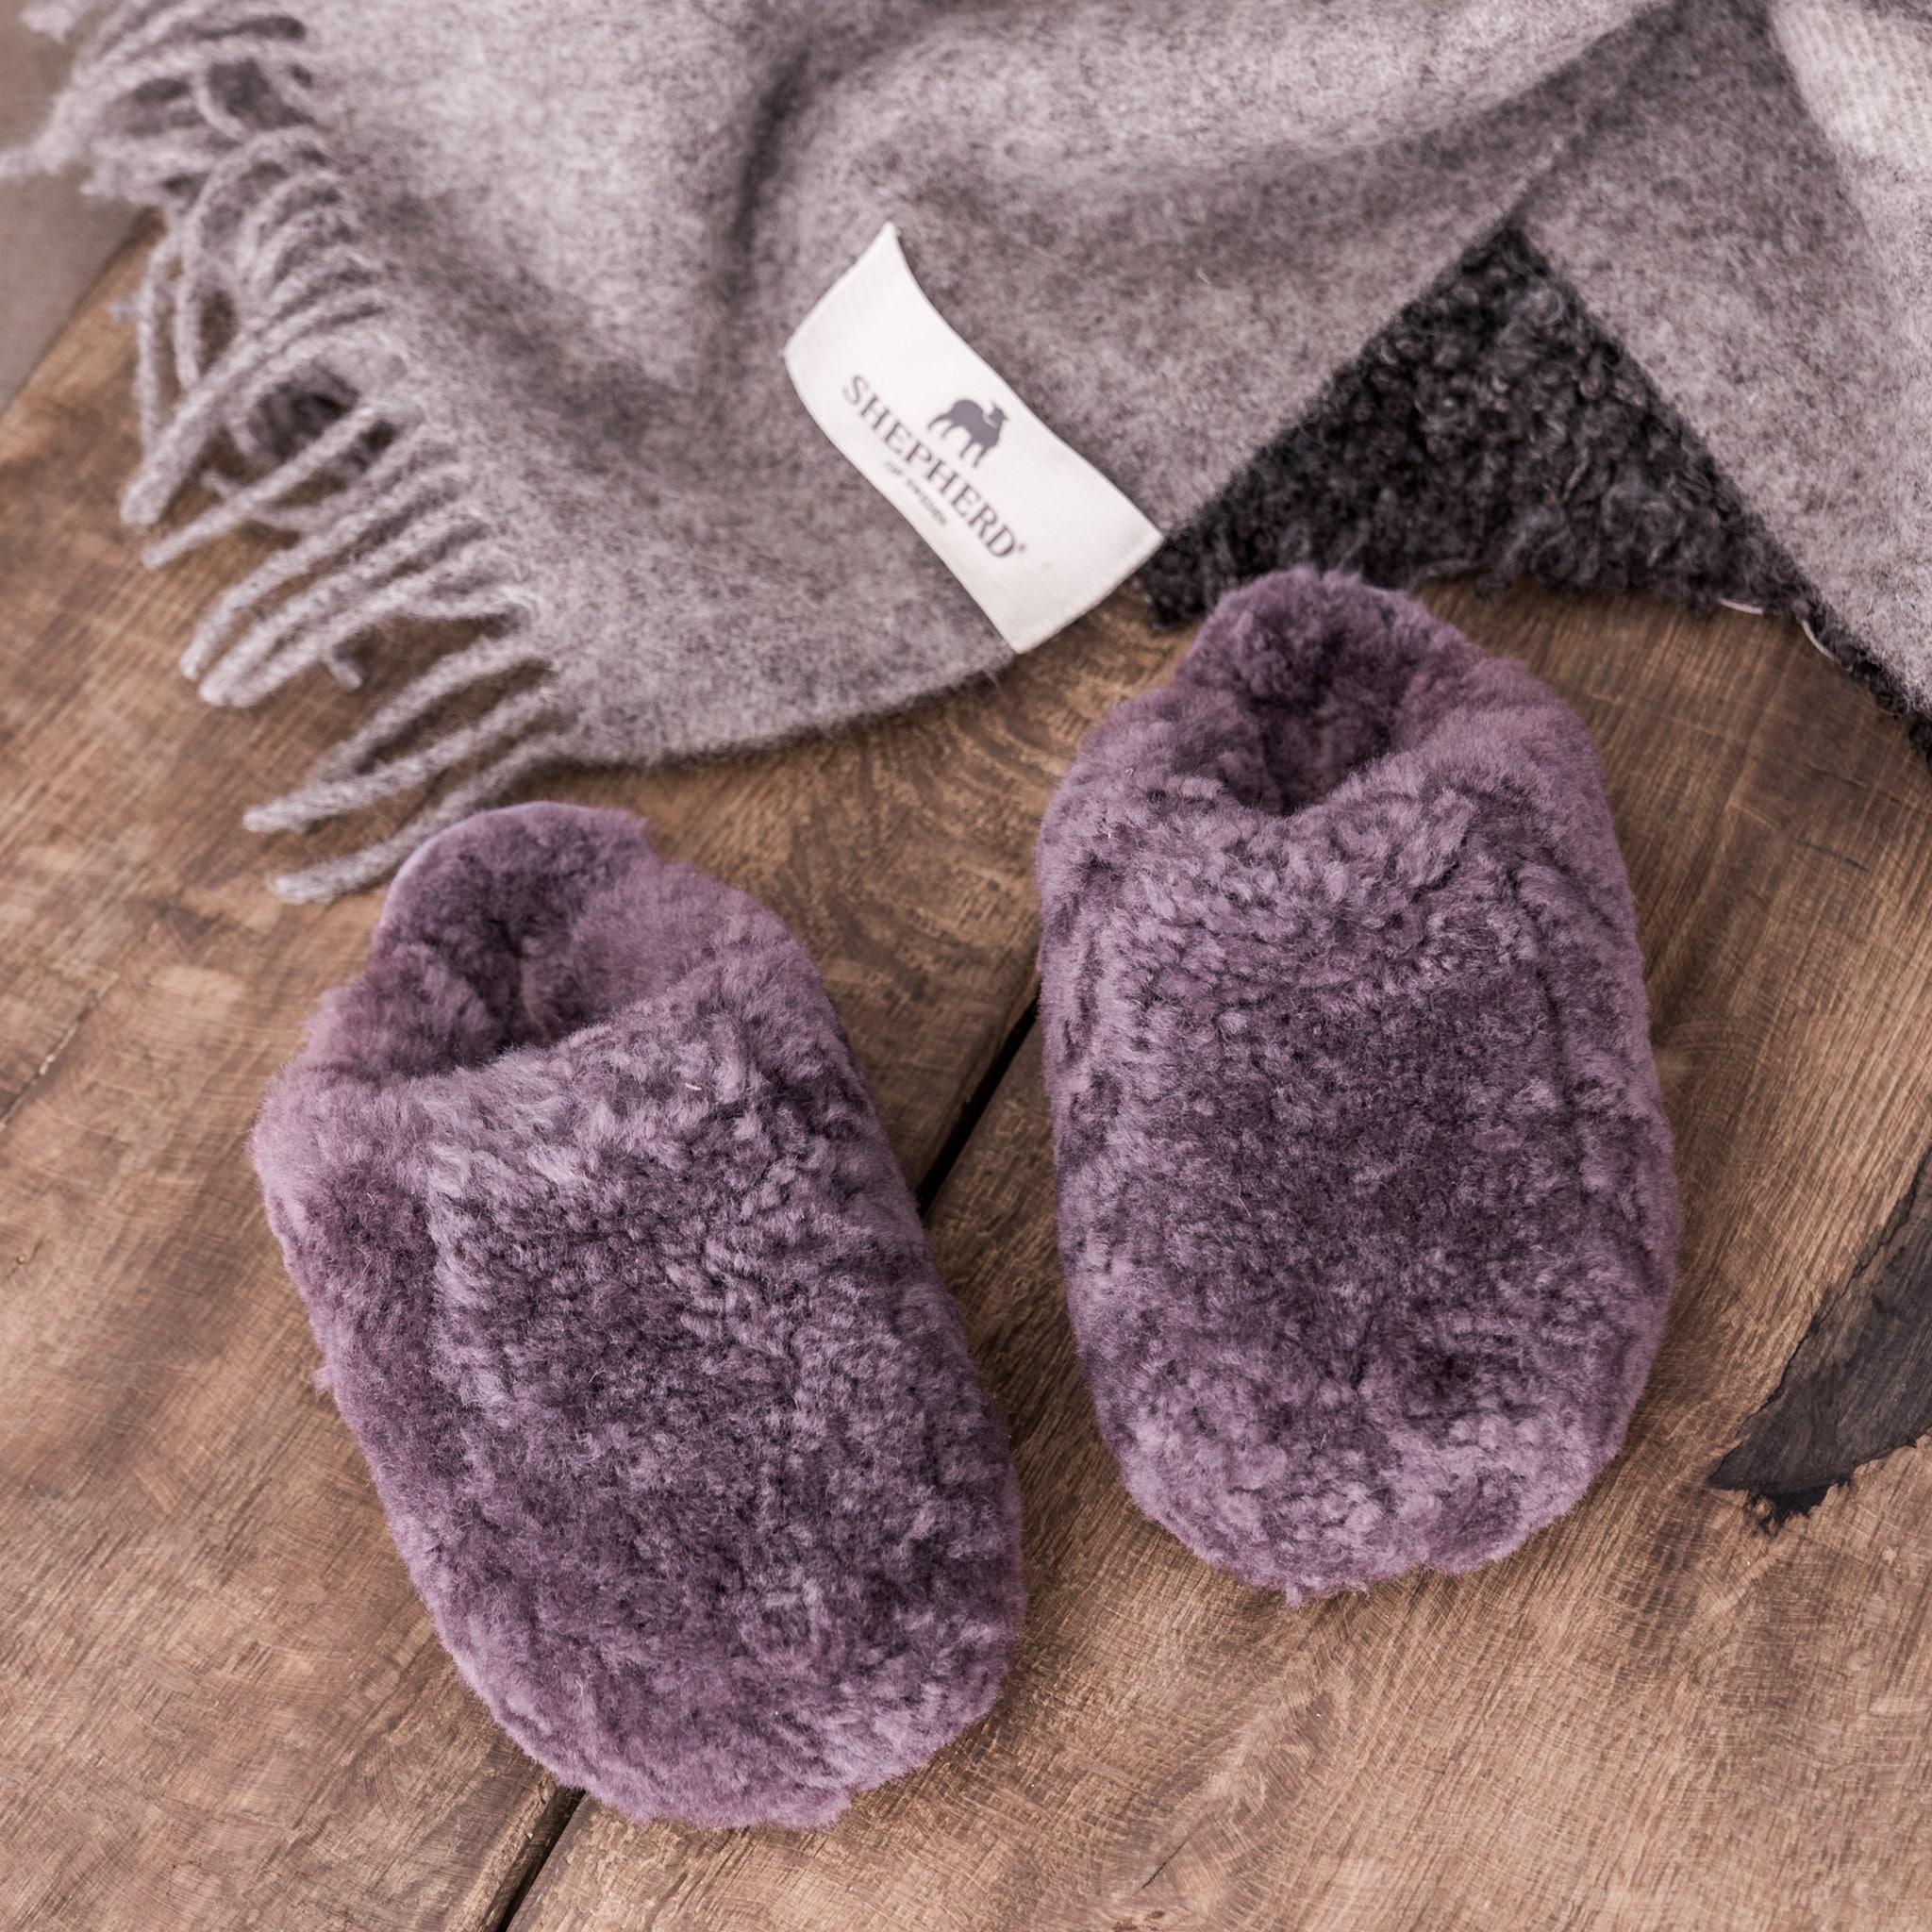 Ett par mjuka och varma fårskinnstofflor. Tofflorna är i slip-in modell gjorda i mjuk fårull både på ovandel och insida. Kantband i textil runt sulan. Yttersula i EVA.